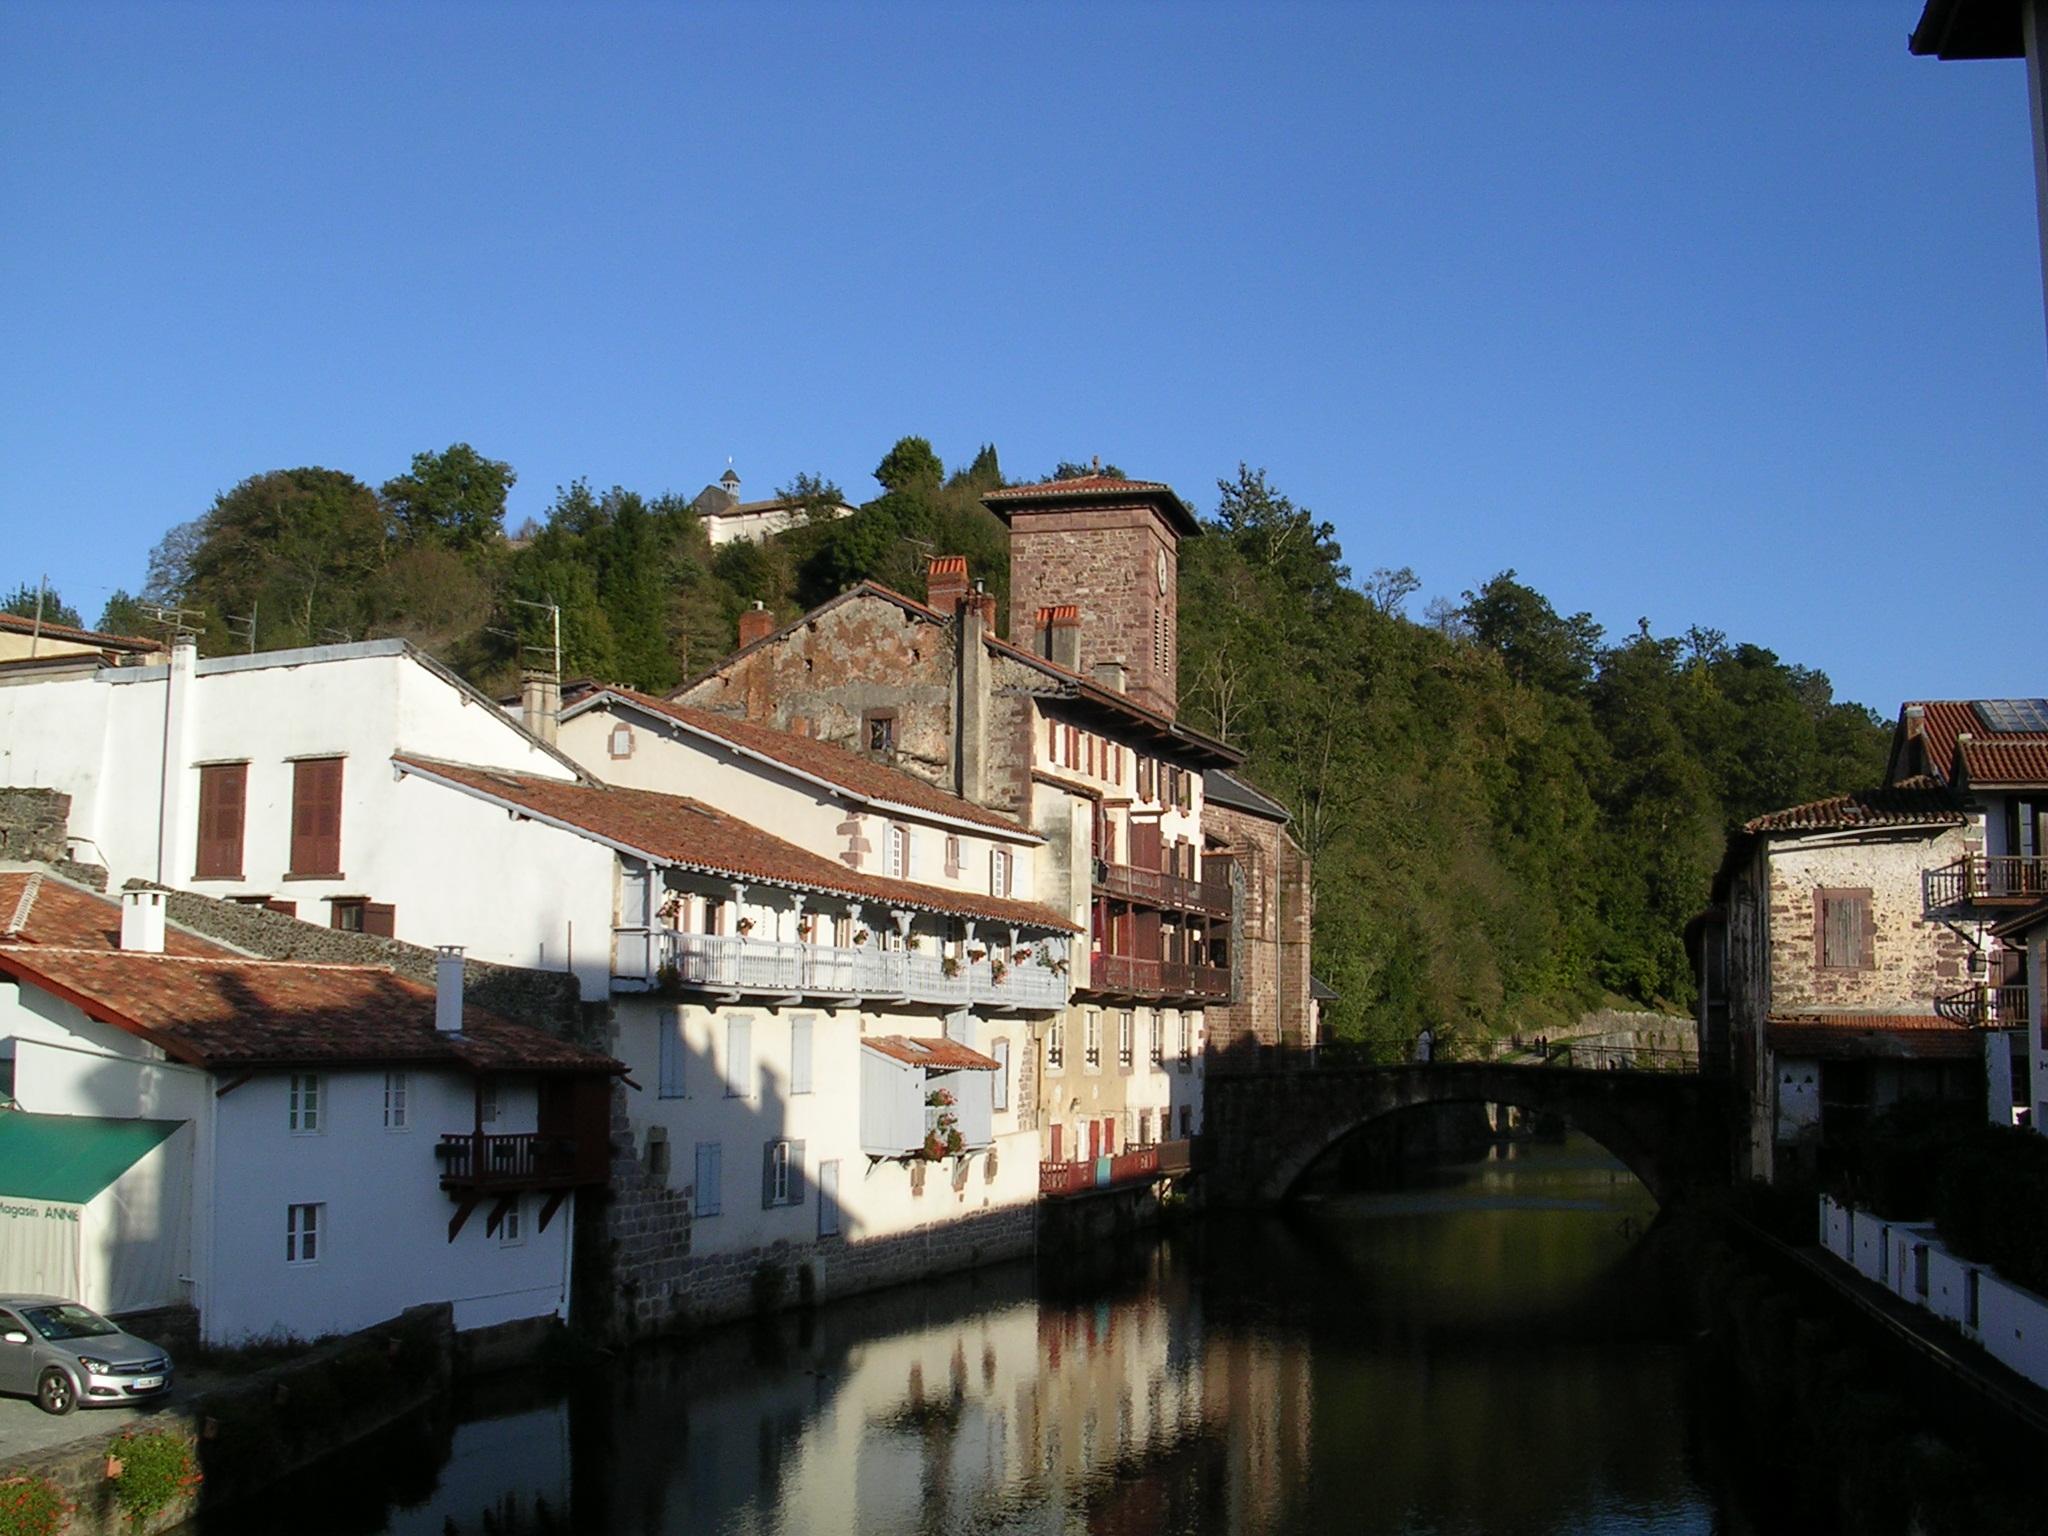 St Jean Pied de Port